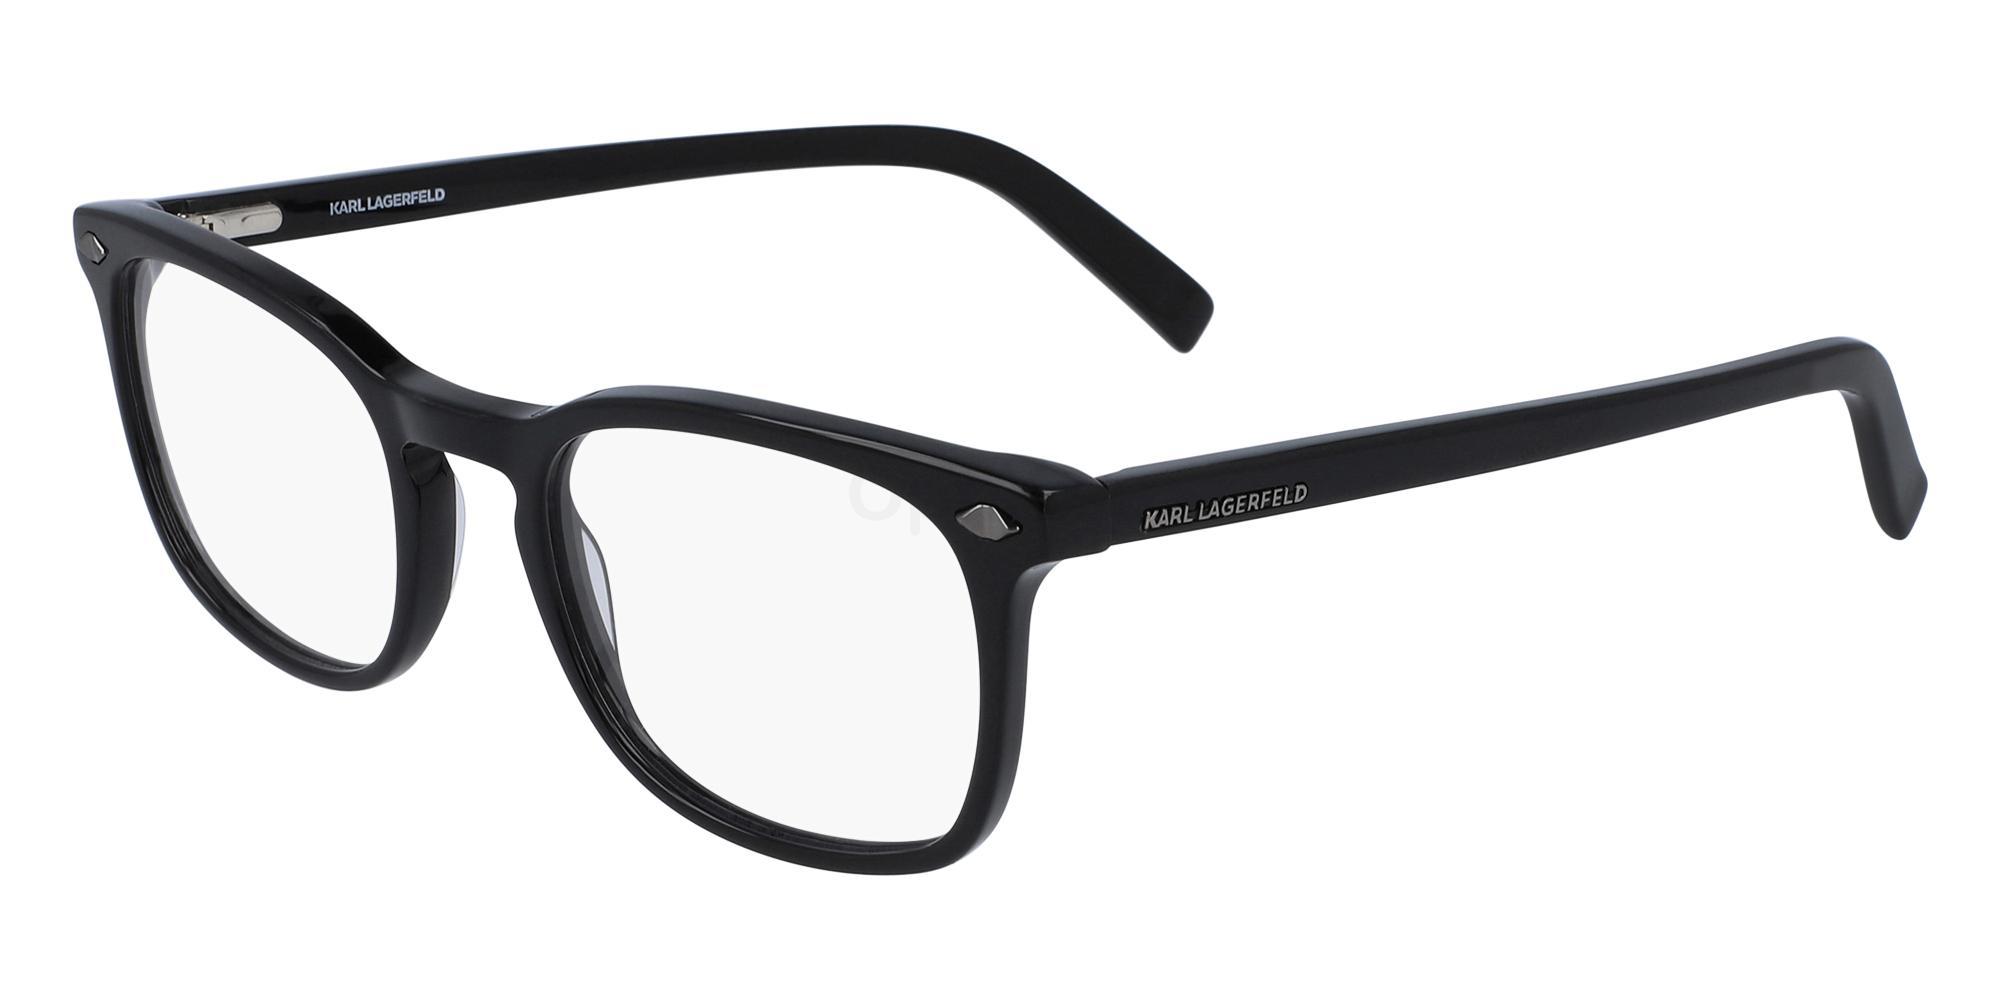 001 KL990 Glasses, Karl Lagerfeld